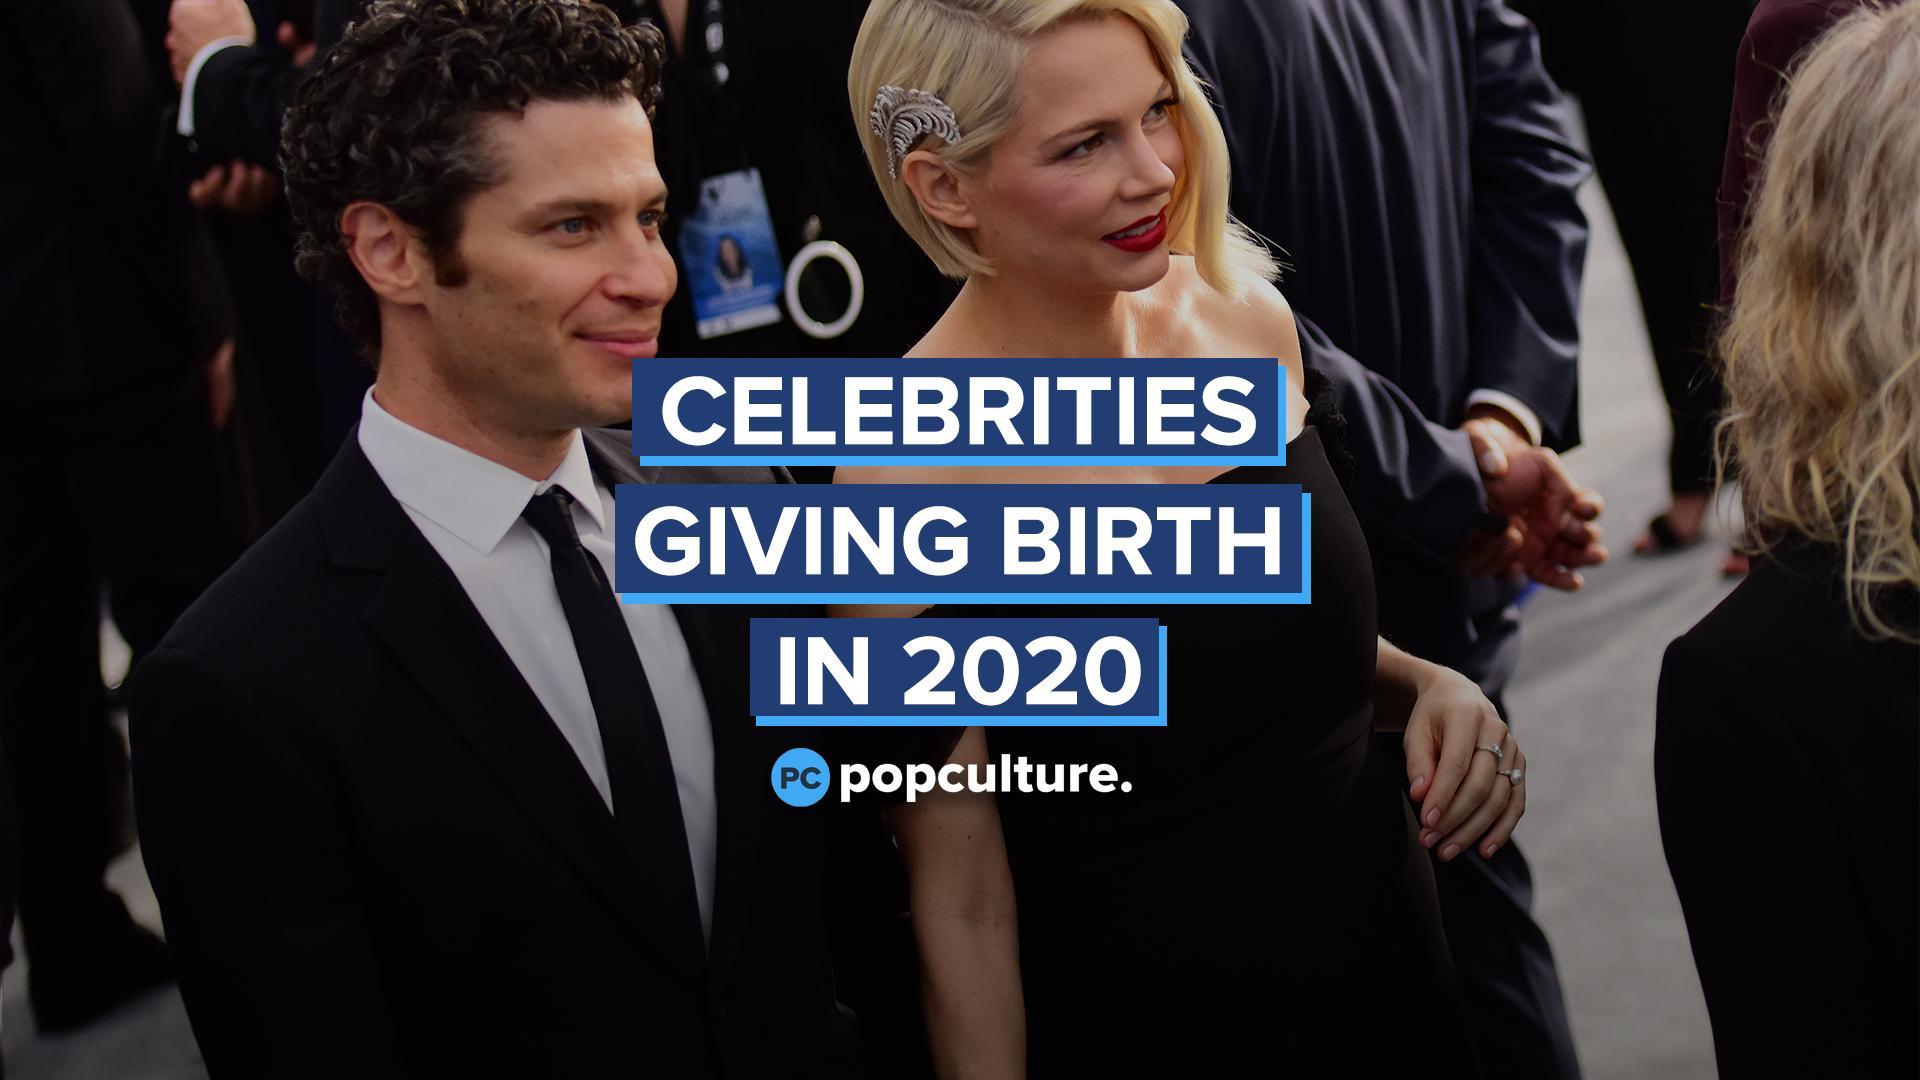 Celebrities Giving Birth in 2020 screen capture